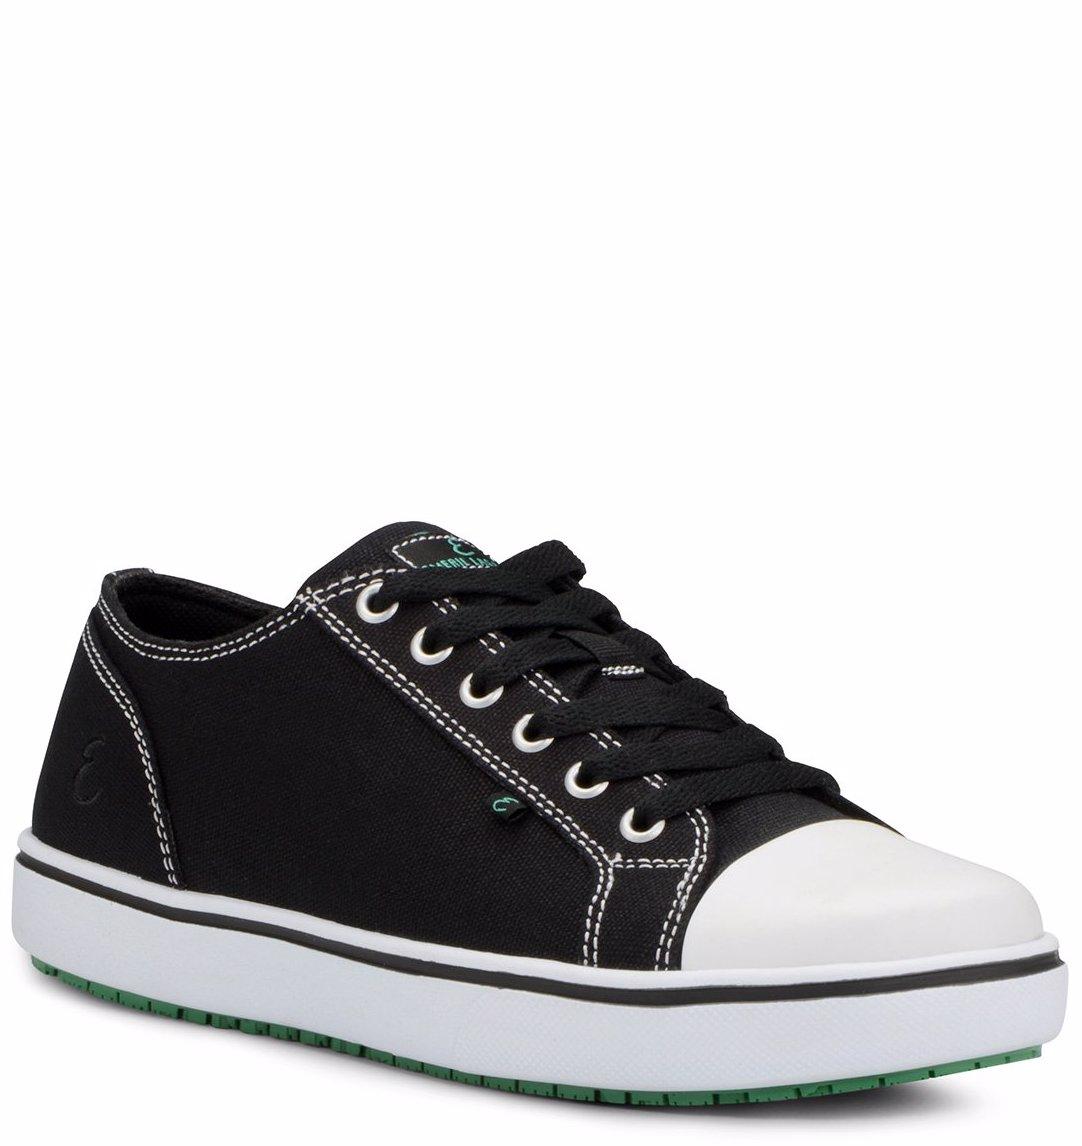 www emeril lagasse women s sneaker black white